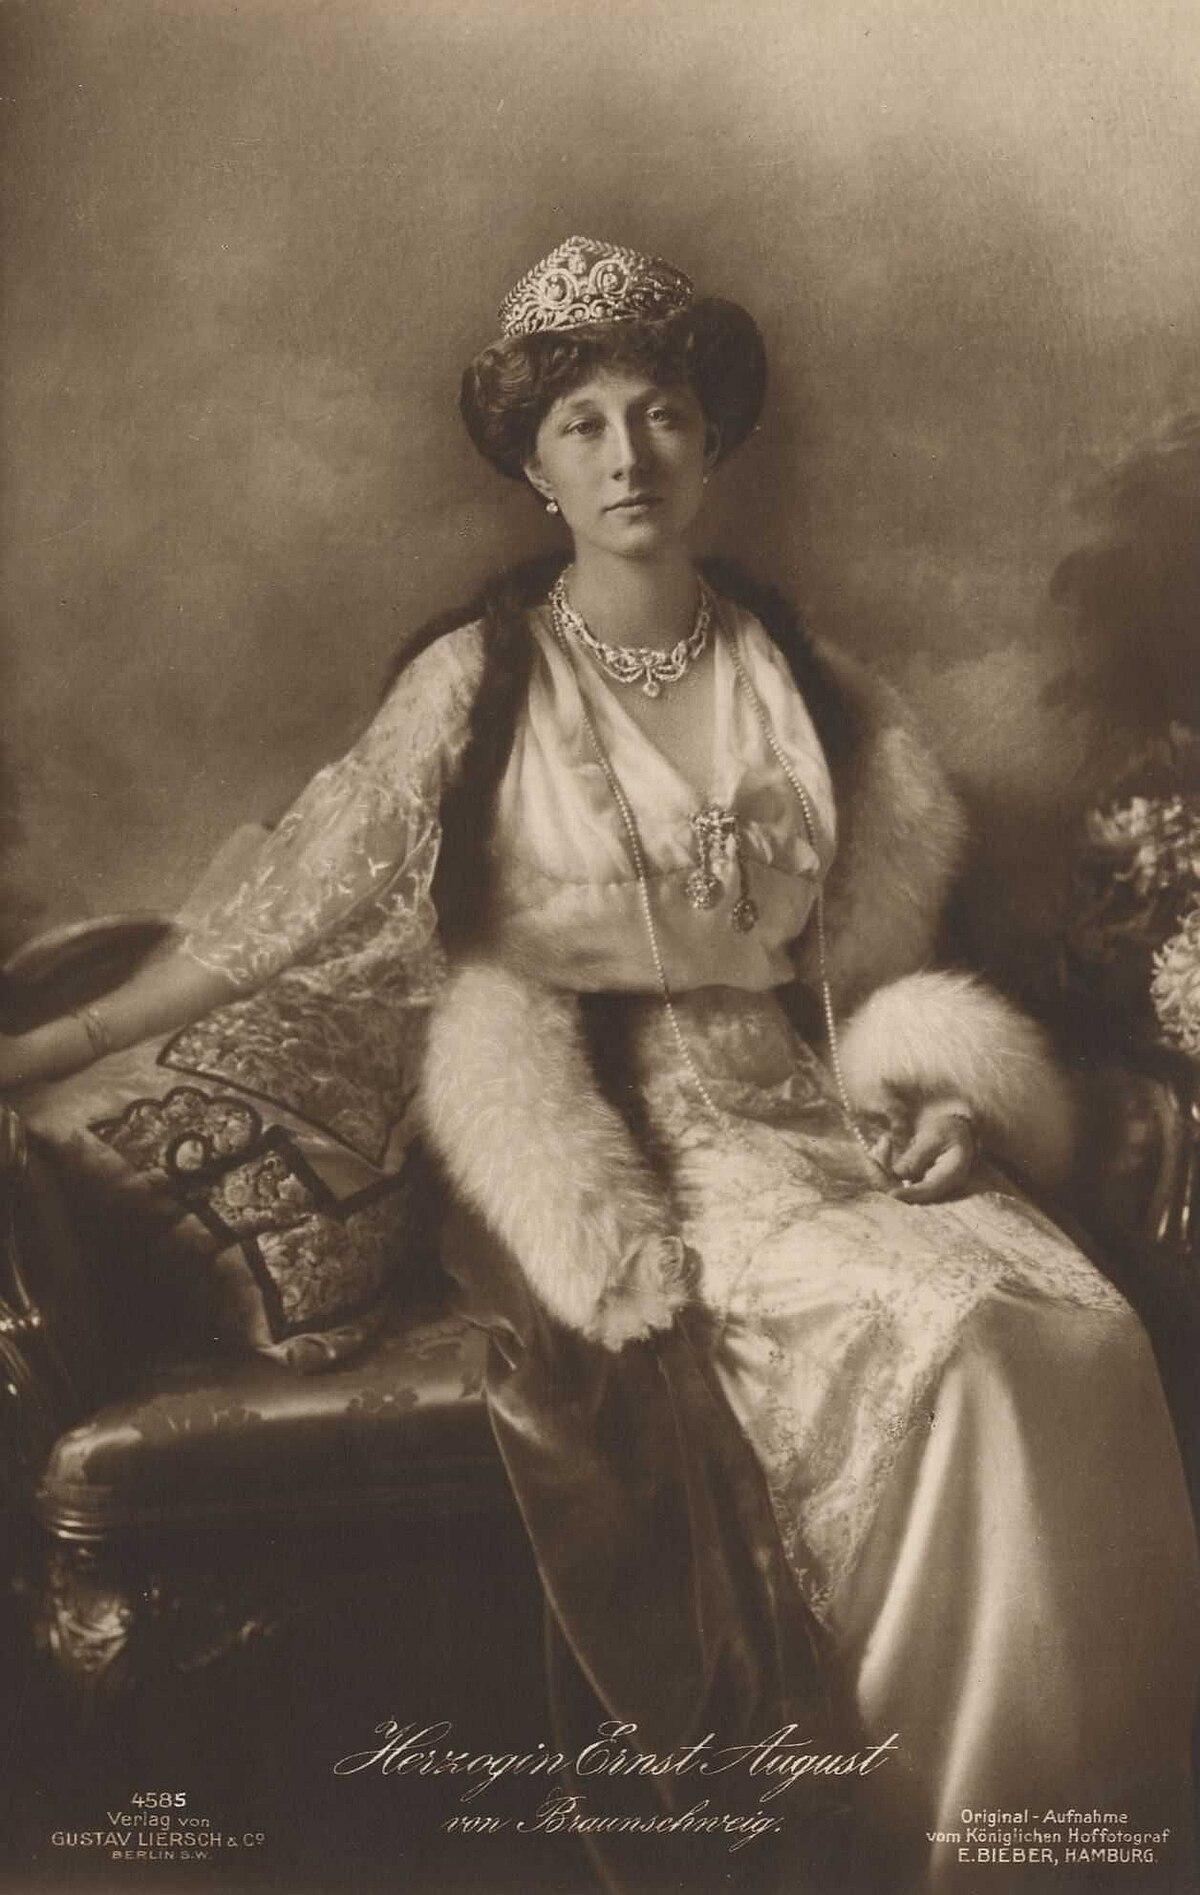 Victoria Luise Herzogin Ernst-August von Braunschweig-Lüneburg.jpg